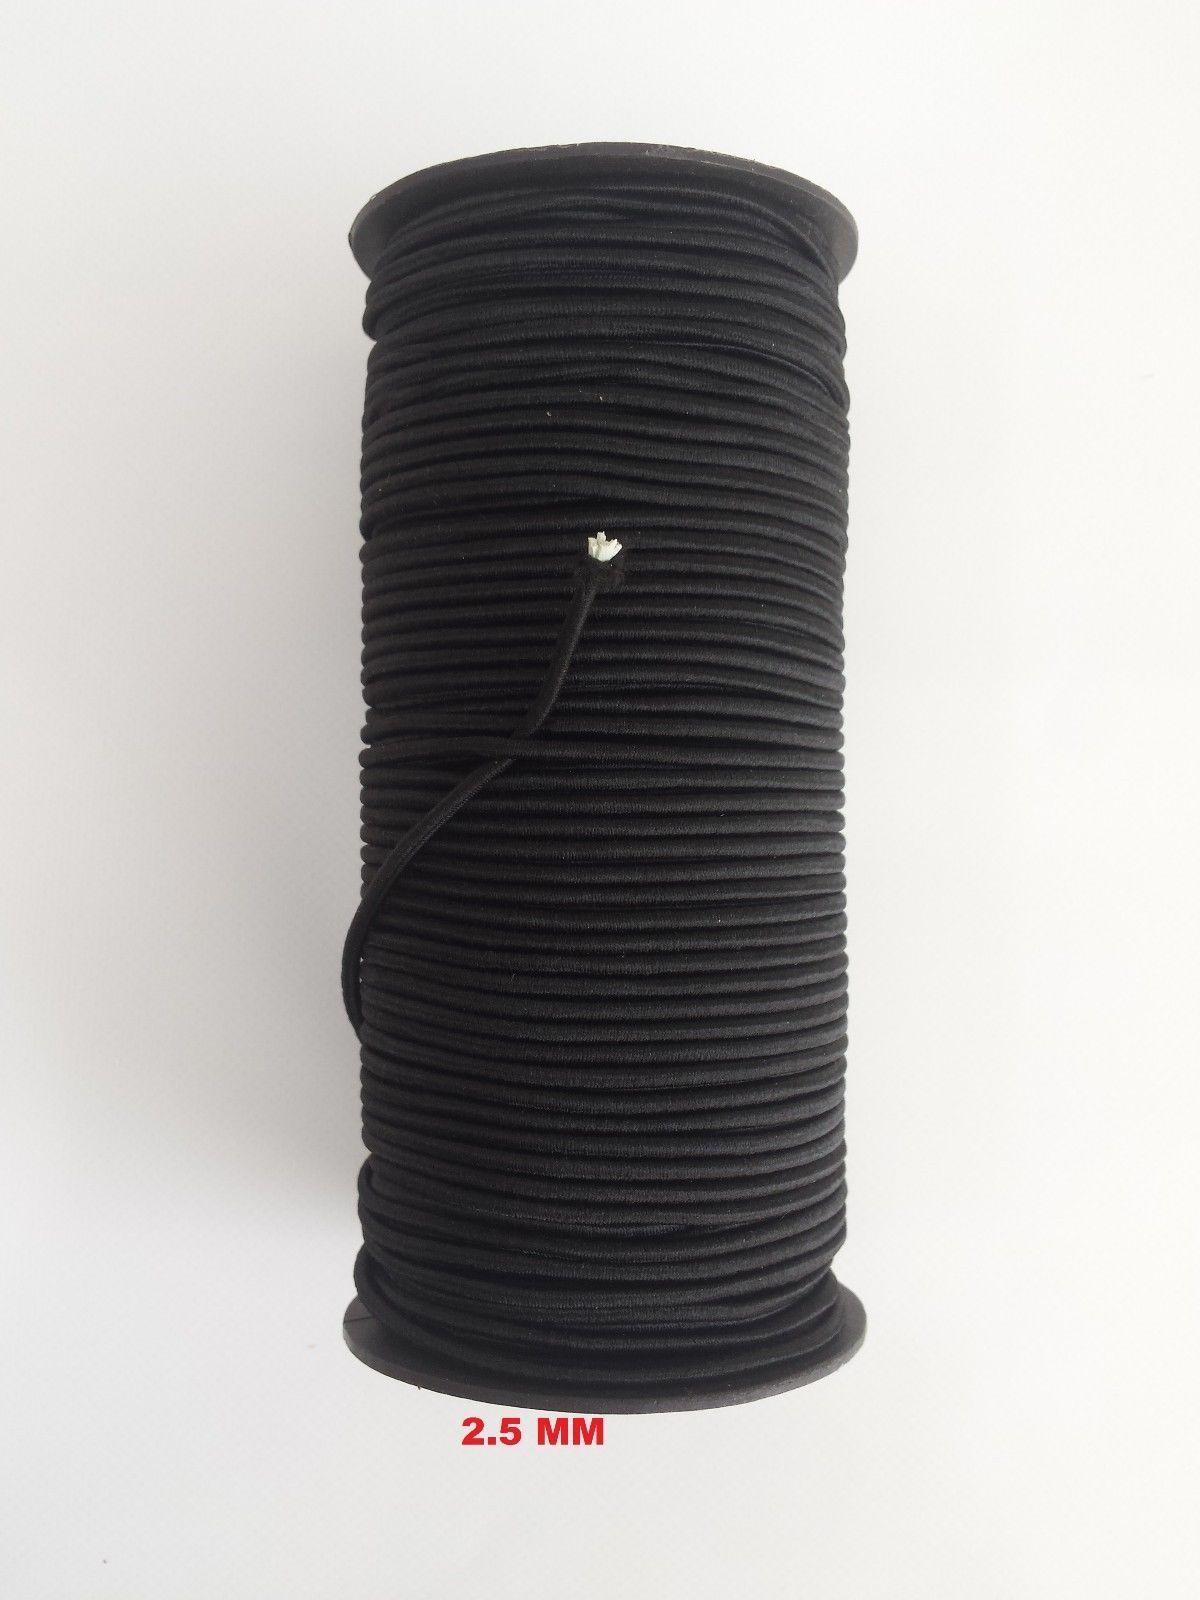 Elastic Bungee Rope - Shock Cord -Tie Down 100 metres x 2,5 mm